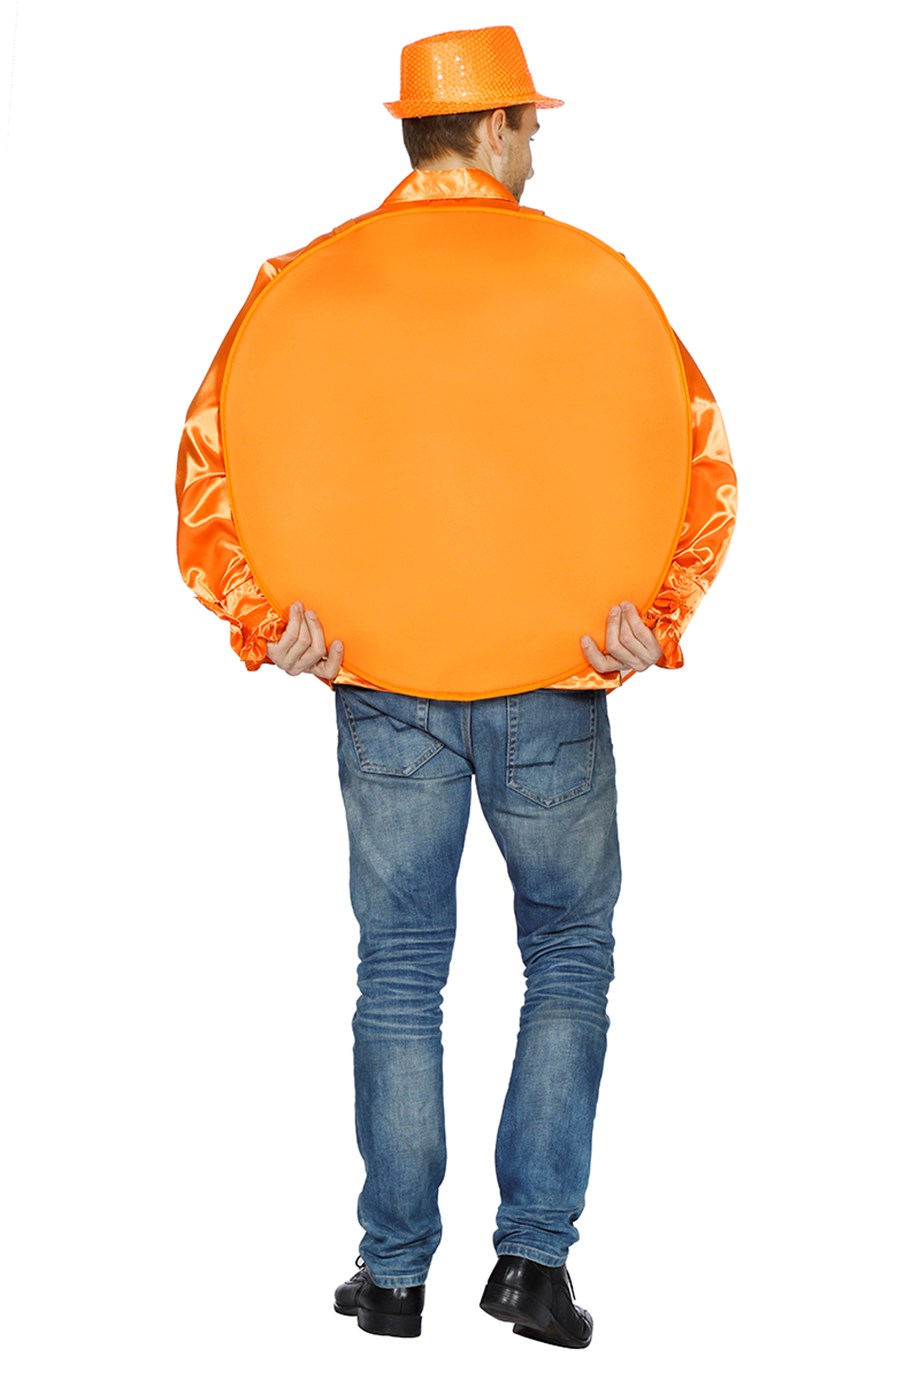 Sinaasappel-258905